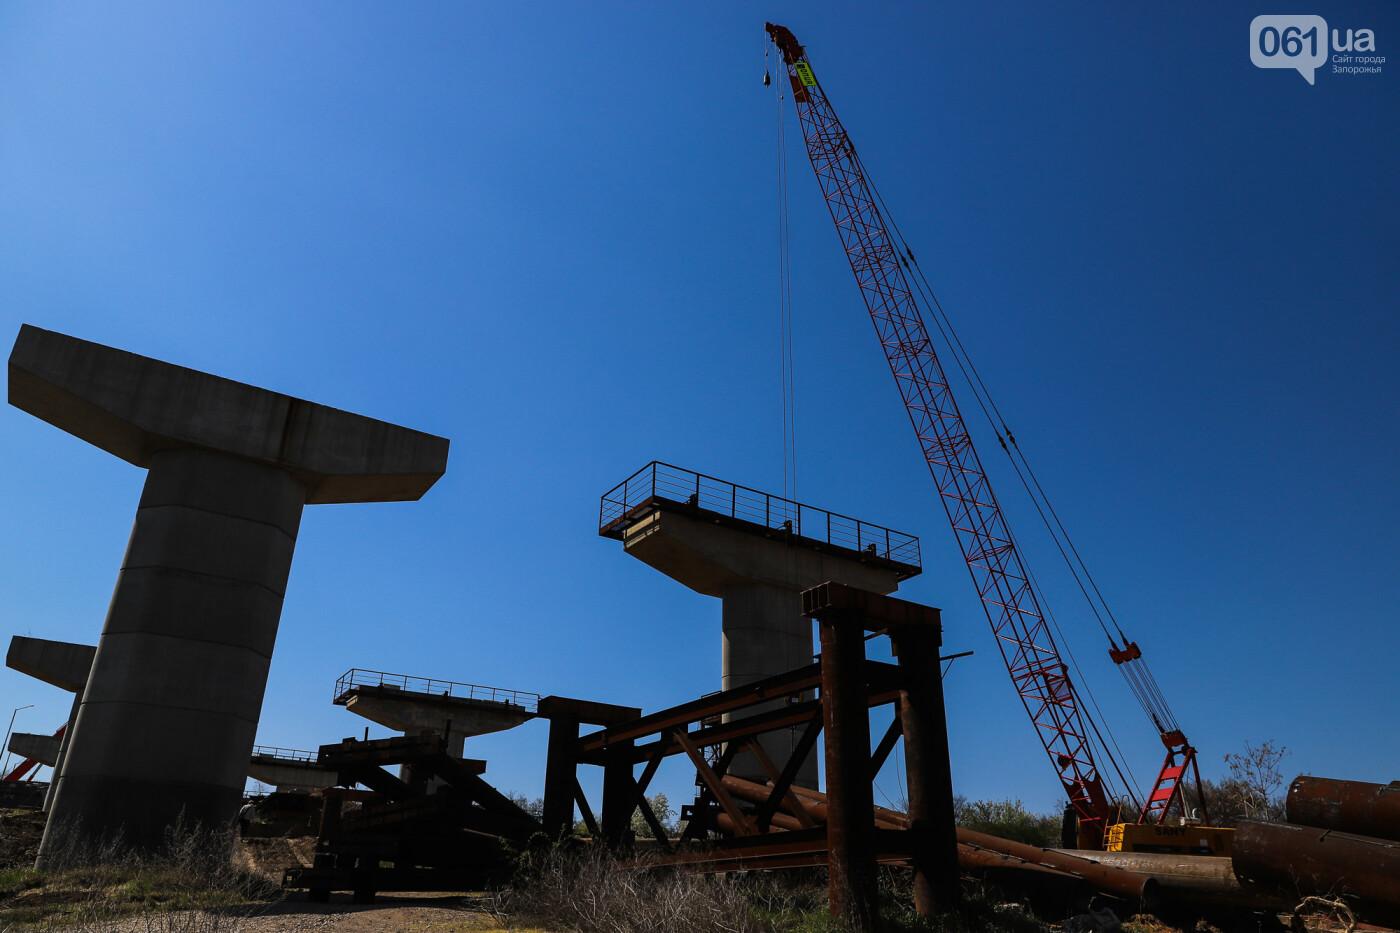 На запорожские мосты выделено 2,7 миллиарда: что сейчас проиходит стройплощадке, - ФОТОРЕПОРТАЖ, фото-26